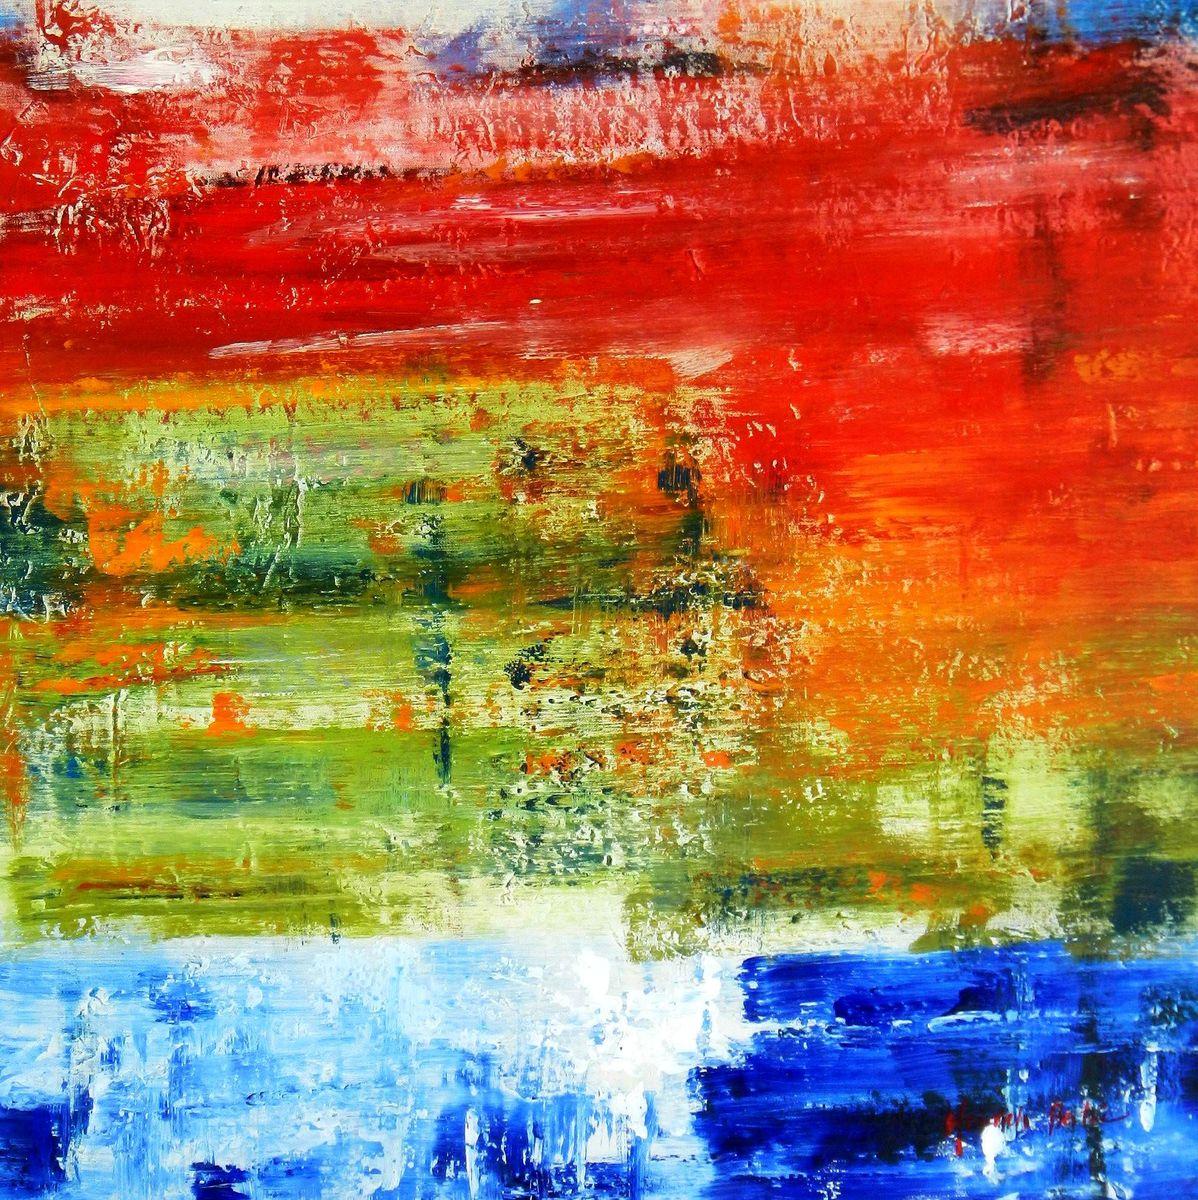 Abstrakt - Dynamische Textur g96164 80x80cm fantastisches Ölbild